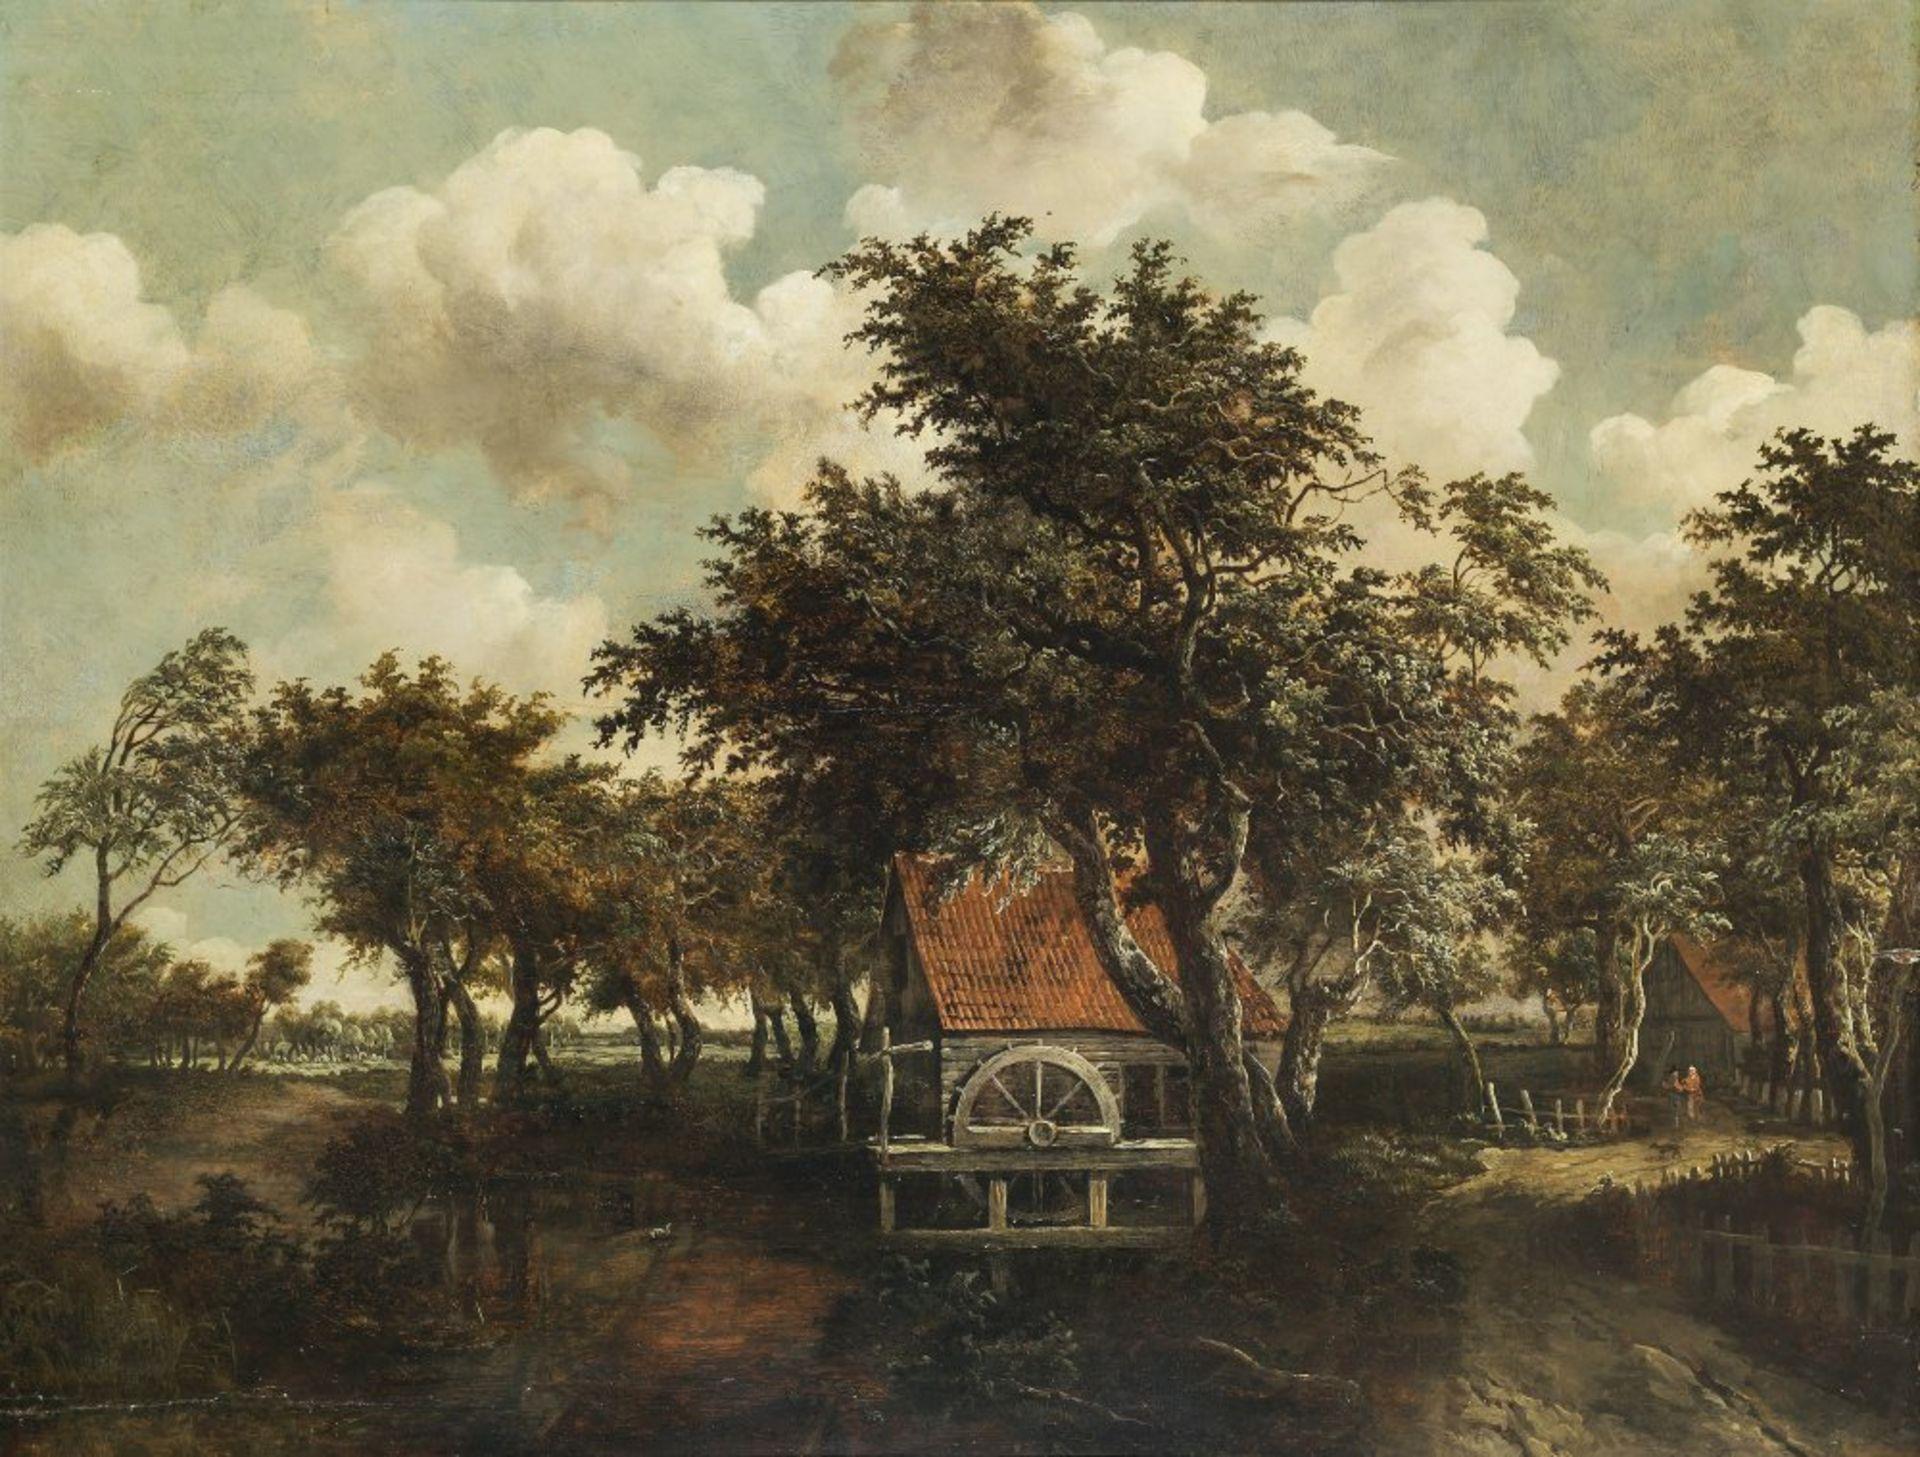 Hobbema, Meindert, zugeschriebenMühle im Eichenhain. Öl/Holz. 58 x 80 cm. Besch., rest. Unsign.